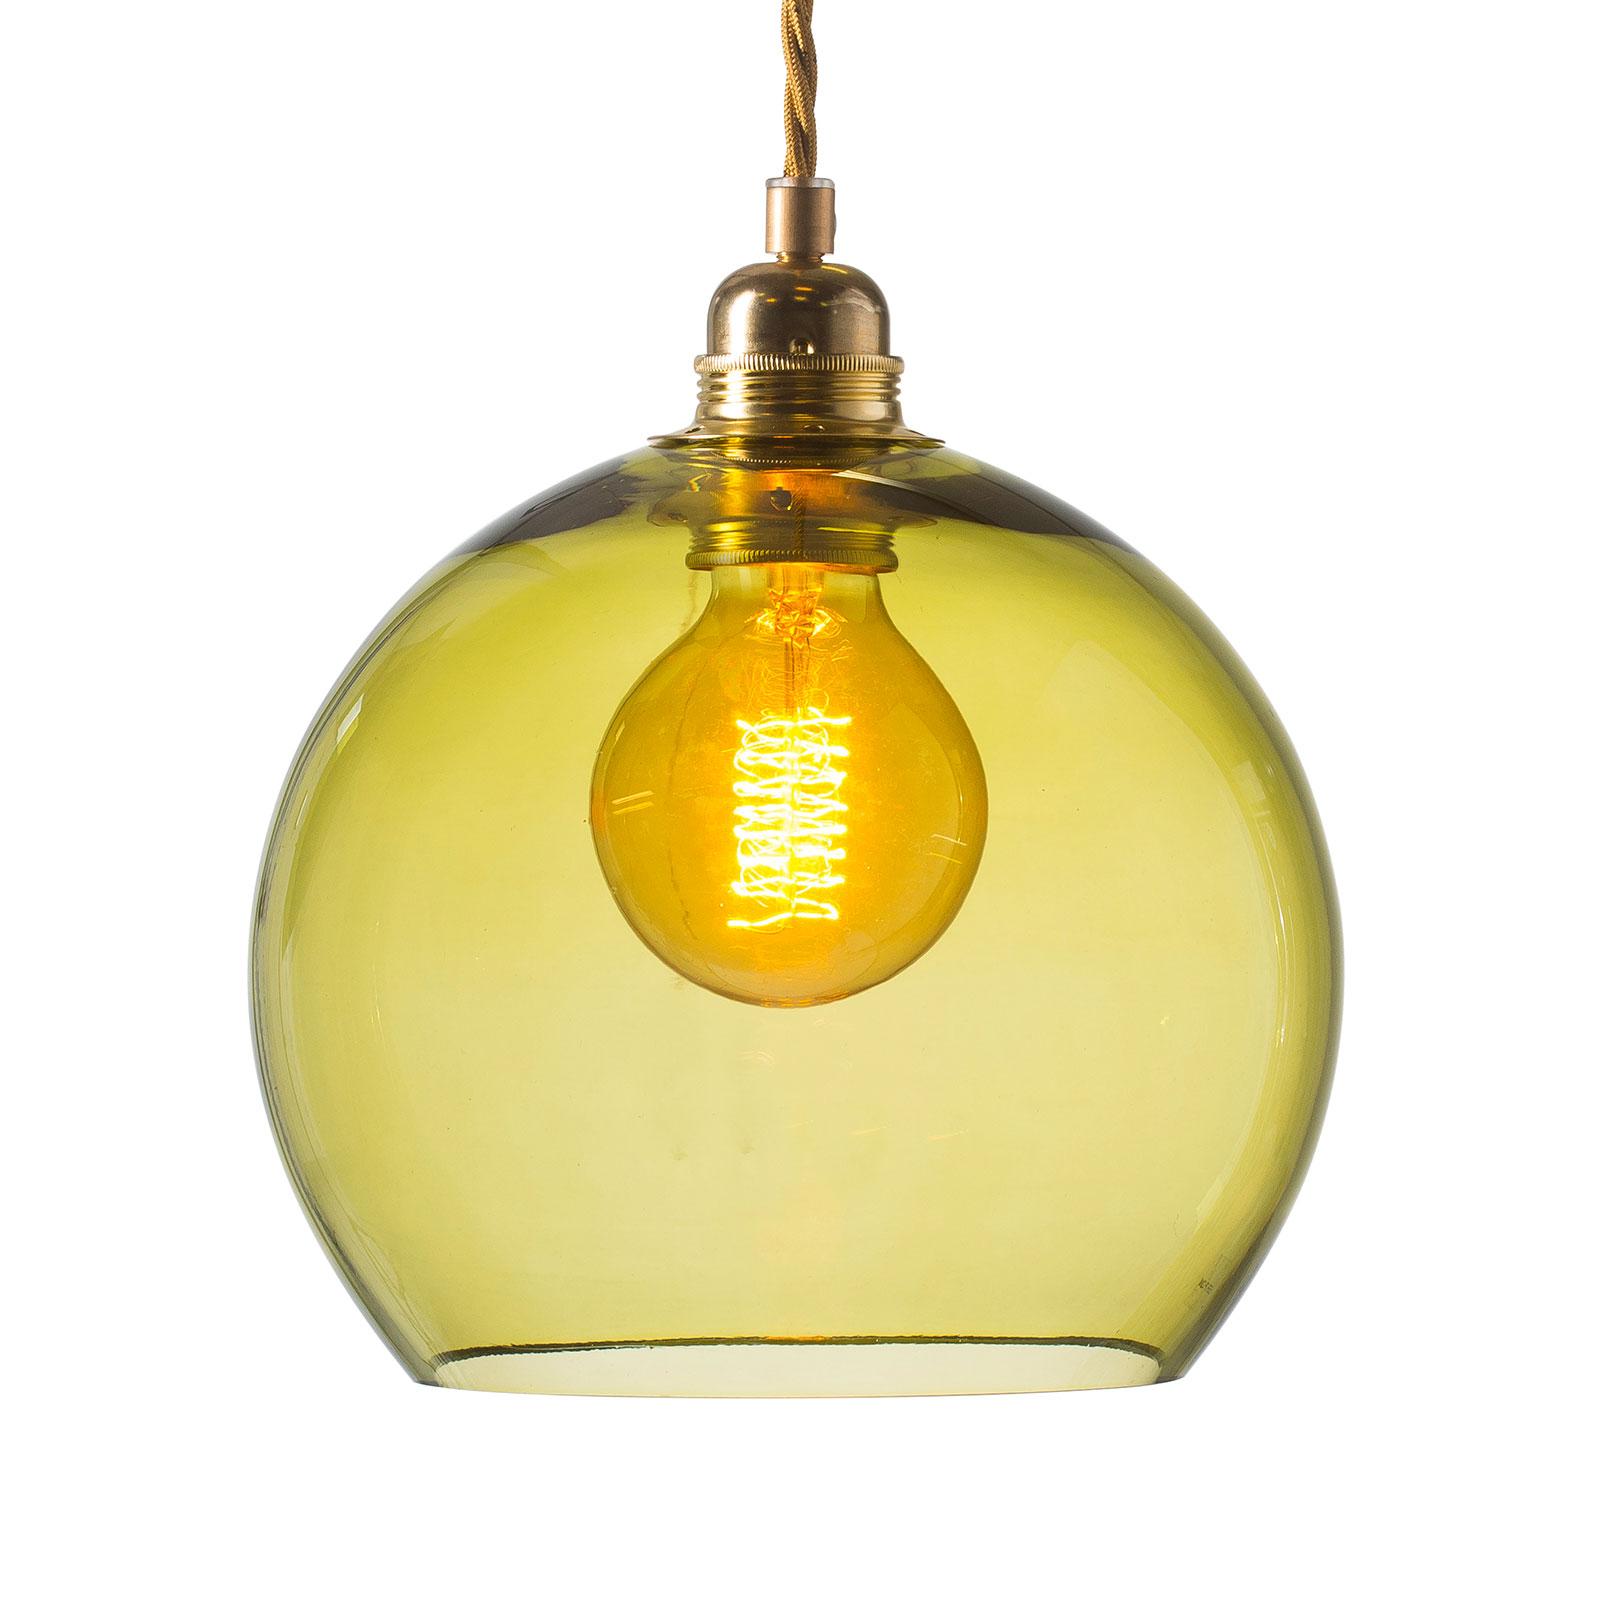 EBB & FLOW Rowan hængelampe guld/olivengrøn Ø 22cm